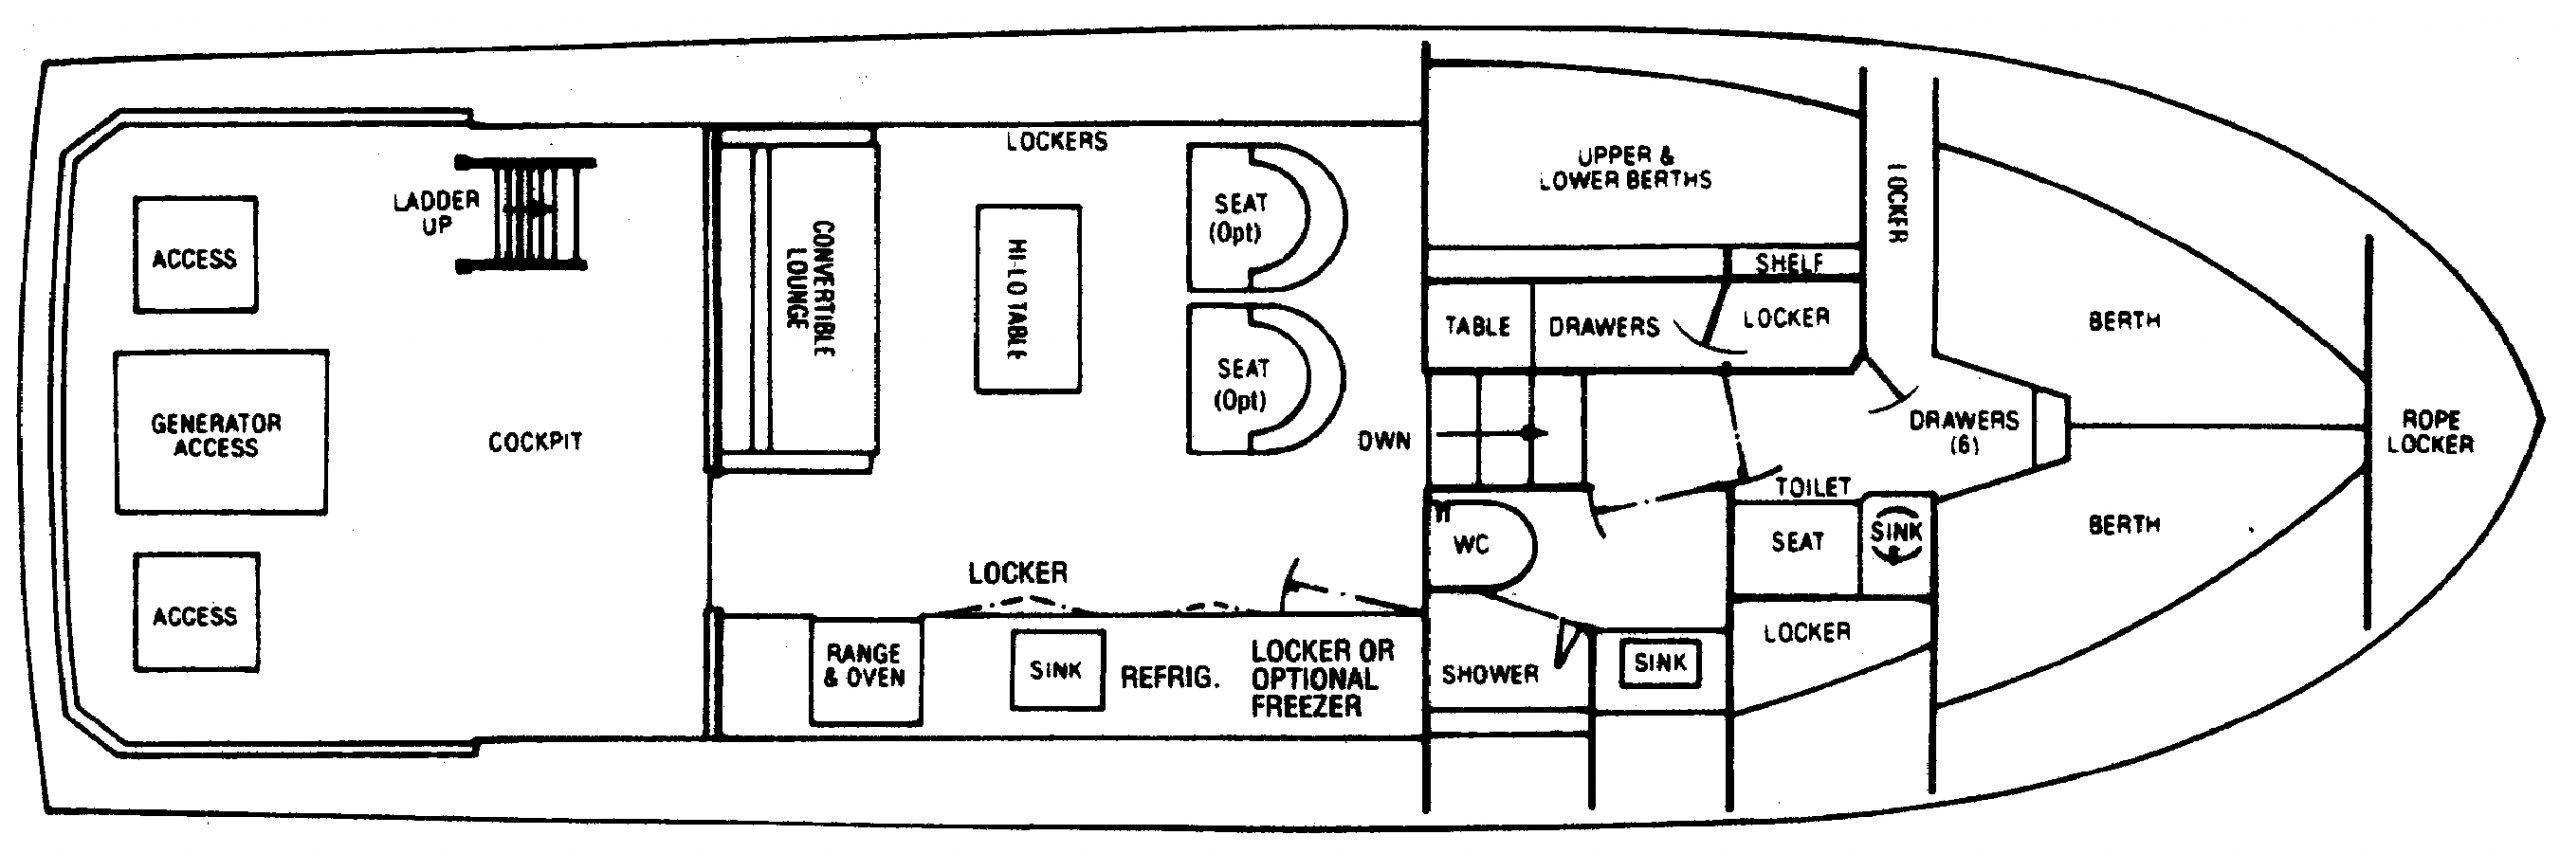 38 III Convertible Floor Plan 2